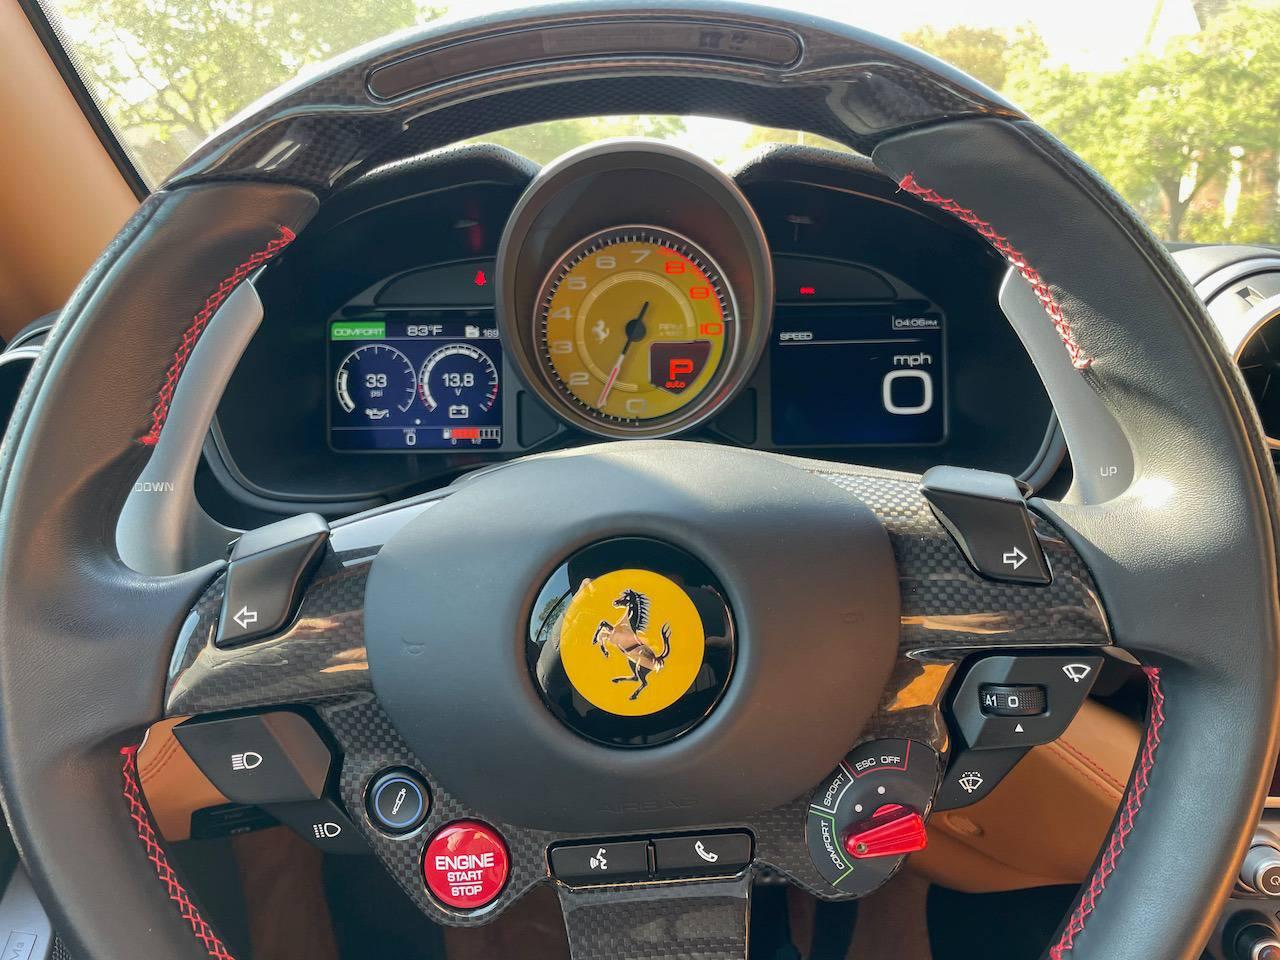 2019 Ferrari Portofino steering wheel